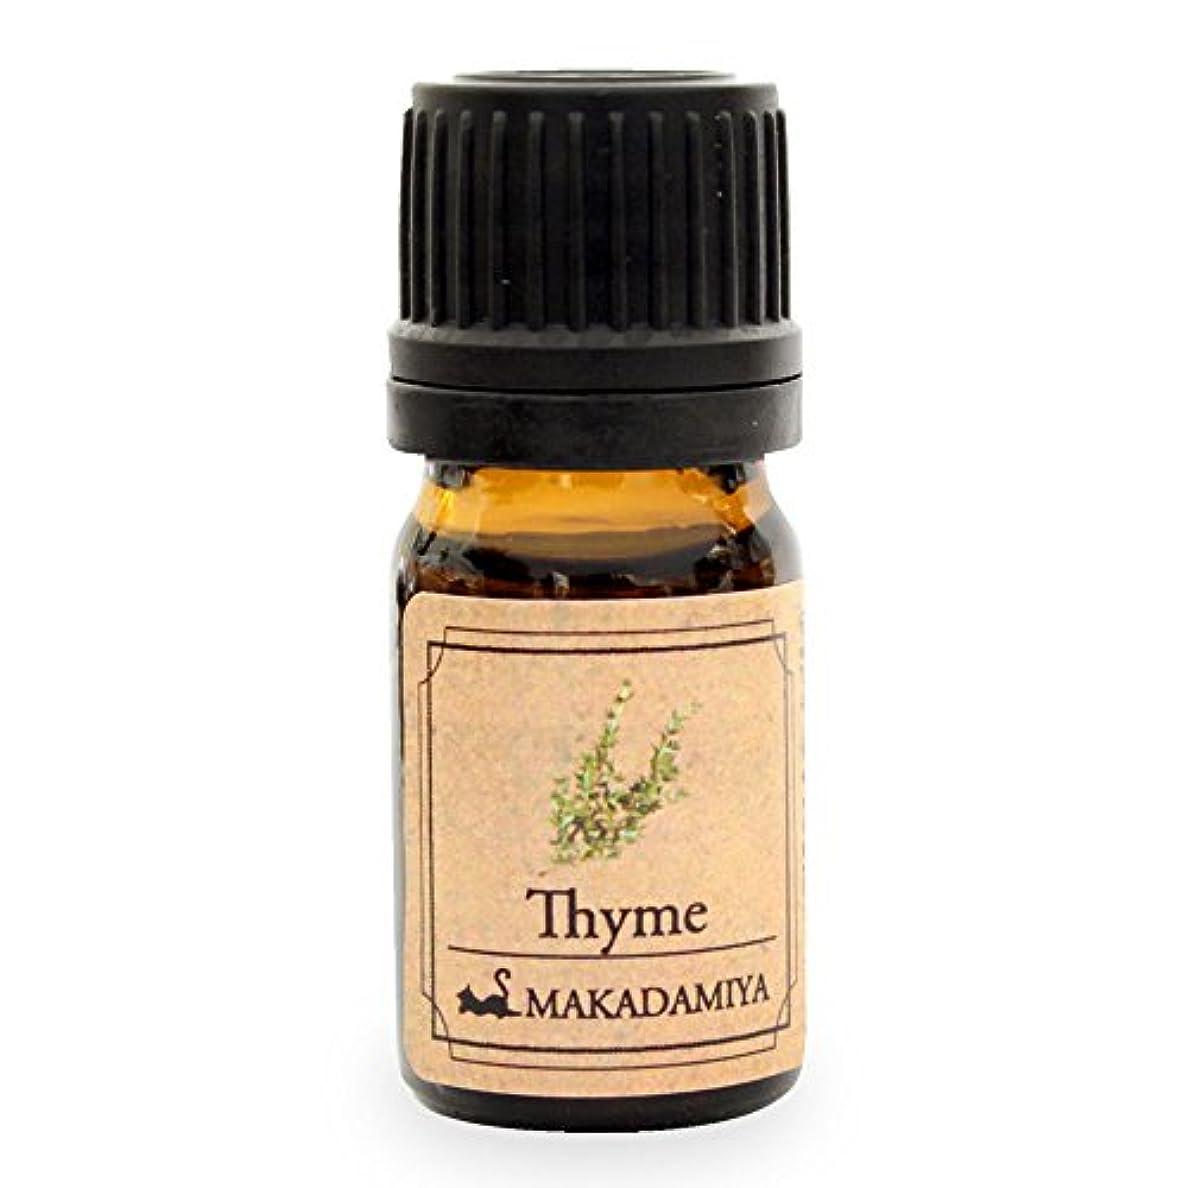 タイム5ml 天然100%植物性 エッセンシャルオイル(精油) アロマオイル aroma Thyme